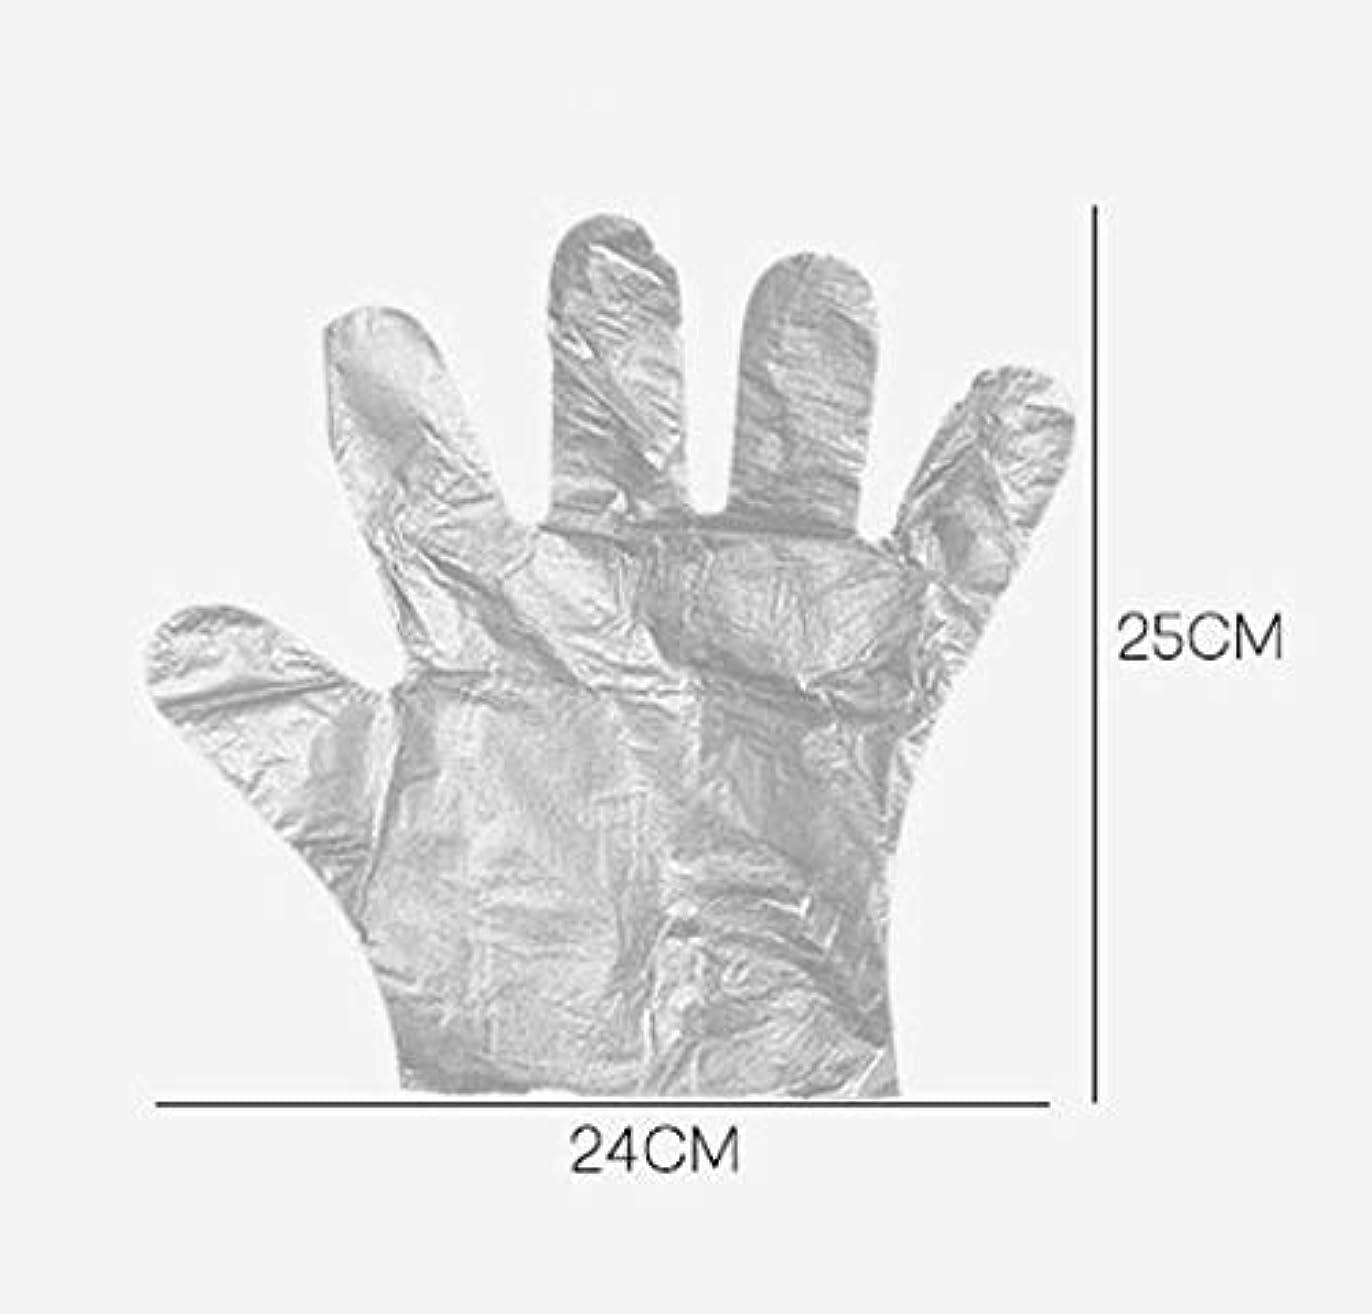 有名人ホイットニーツーリストHJ 使い捨て手袋 ポリエチレン使い切り手袋 極薄い ポリ手袋 使い切り手袋 透明手袋 耐油 防水 介護 トイレ掃除 左右兼用 手荒れを防ぎ 素手 薄いタイプ (200ペアセット)